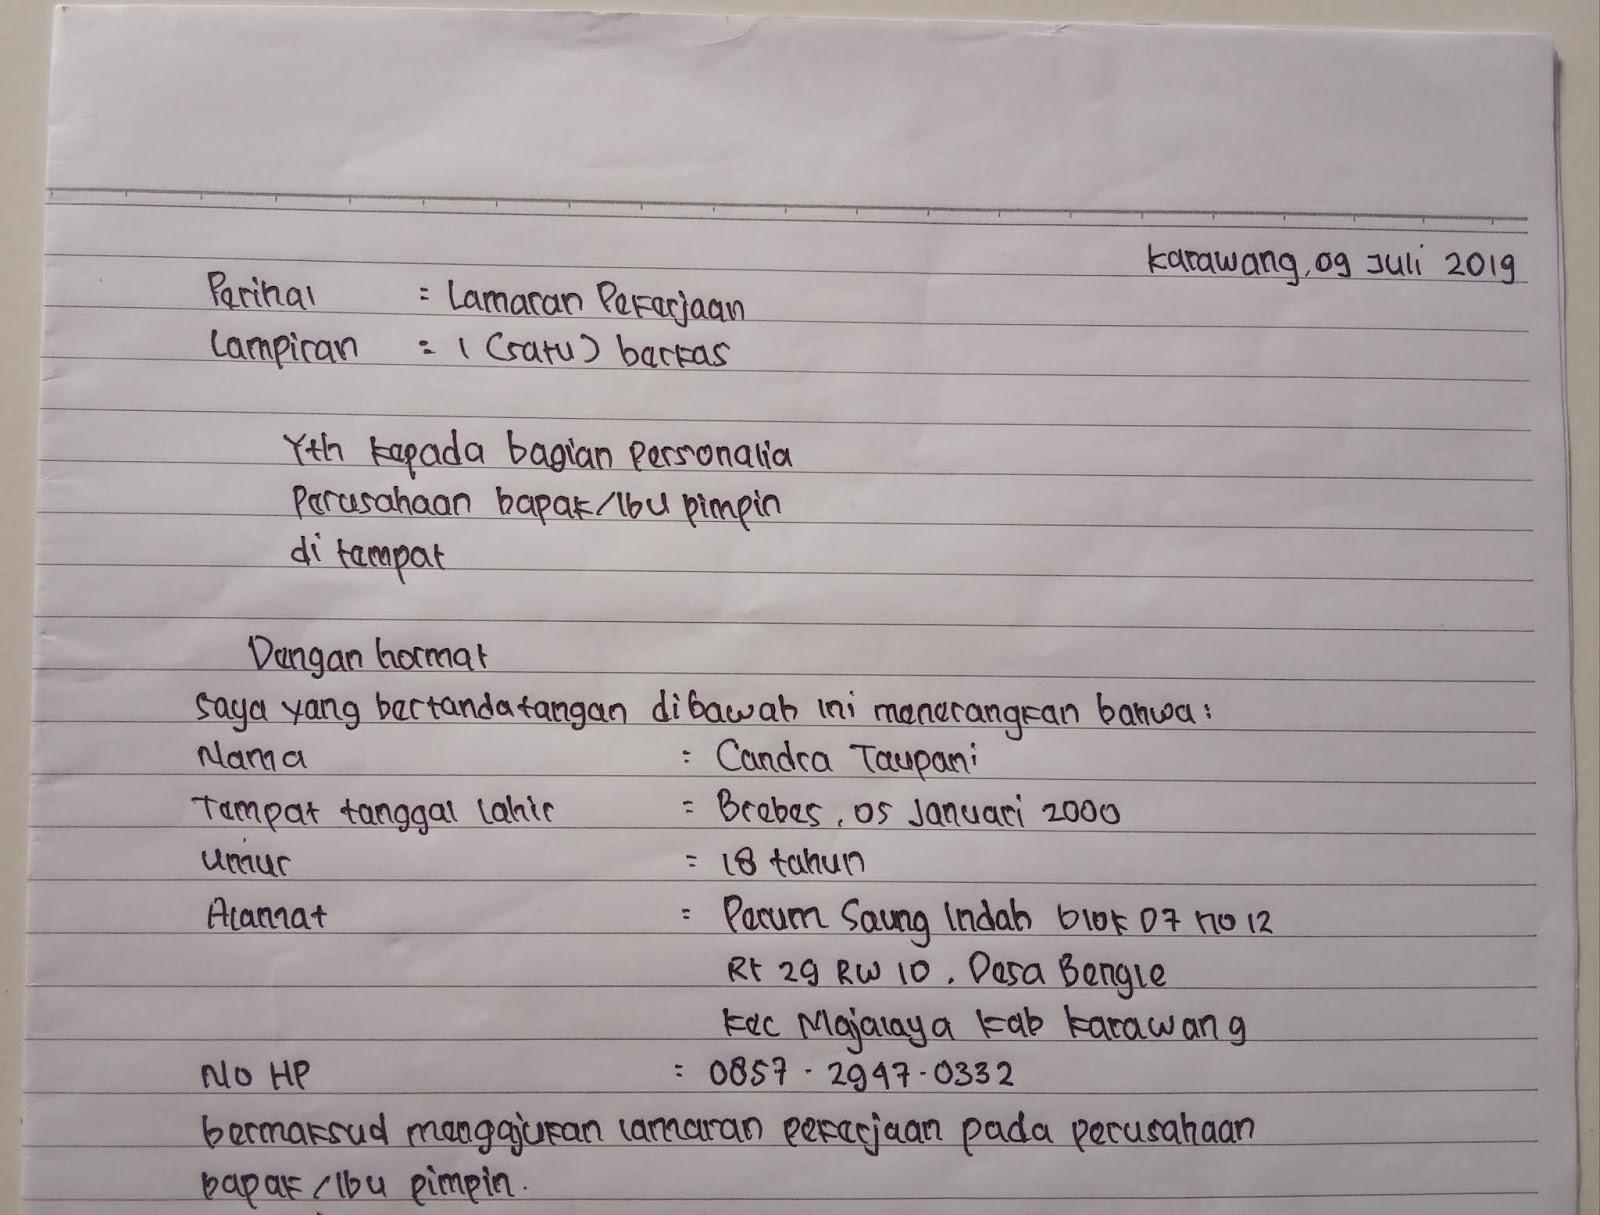 Contoh Surat Lamaran Kerja Tulisan Tangan 2019 - Bagi ...